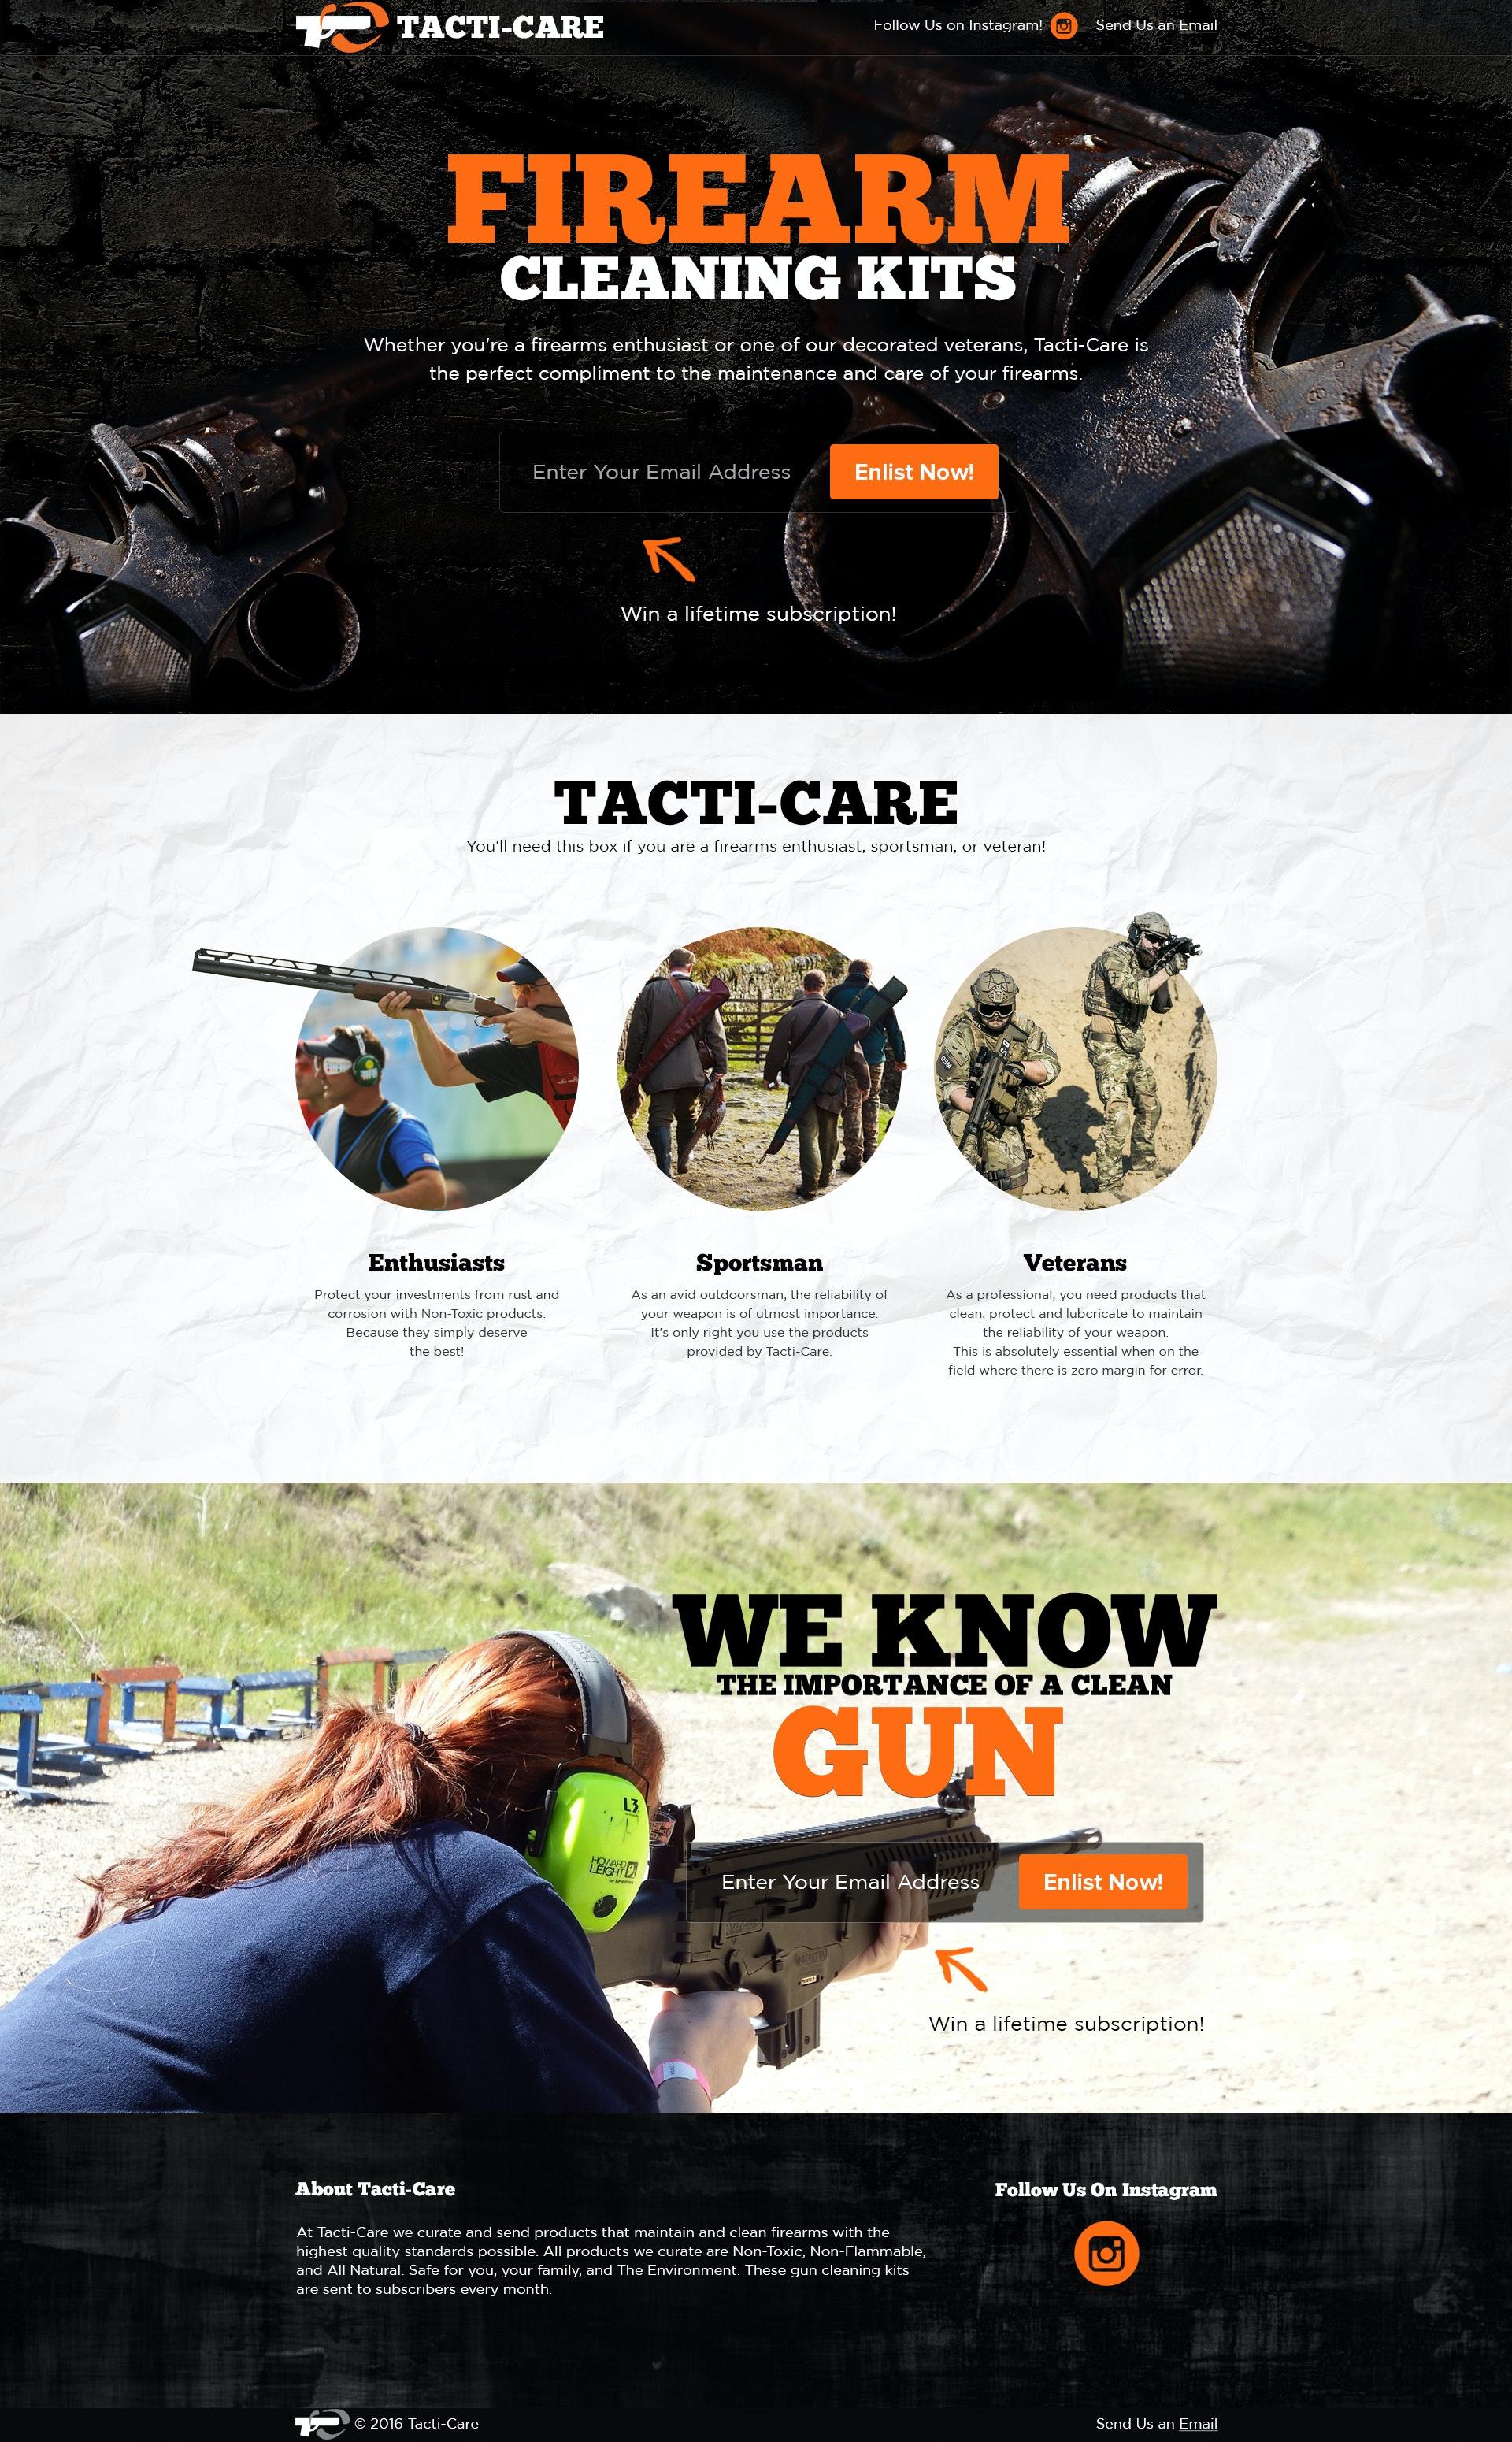 Firearm landing page